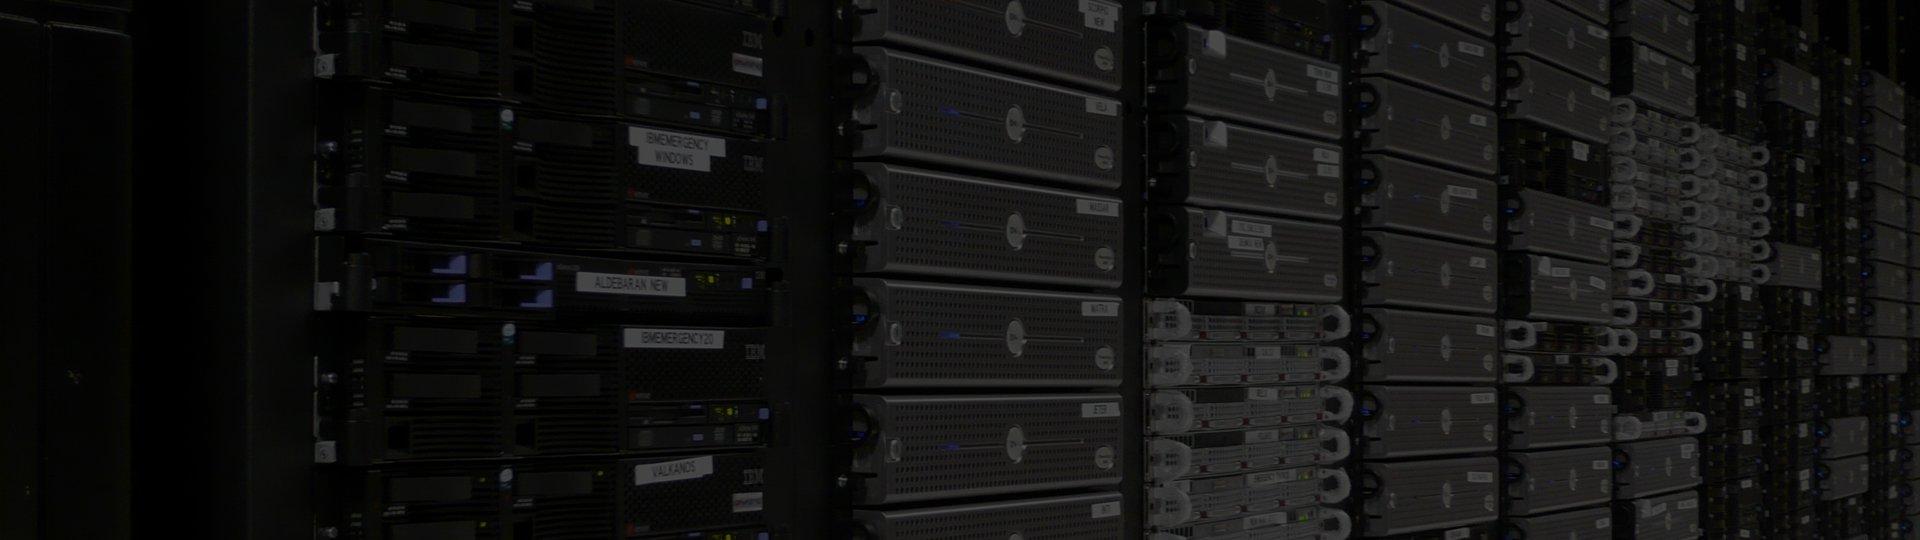 Dedicated server managed k